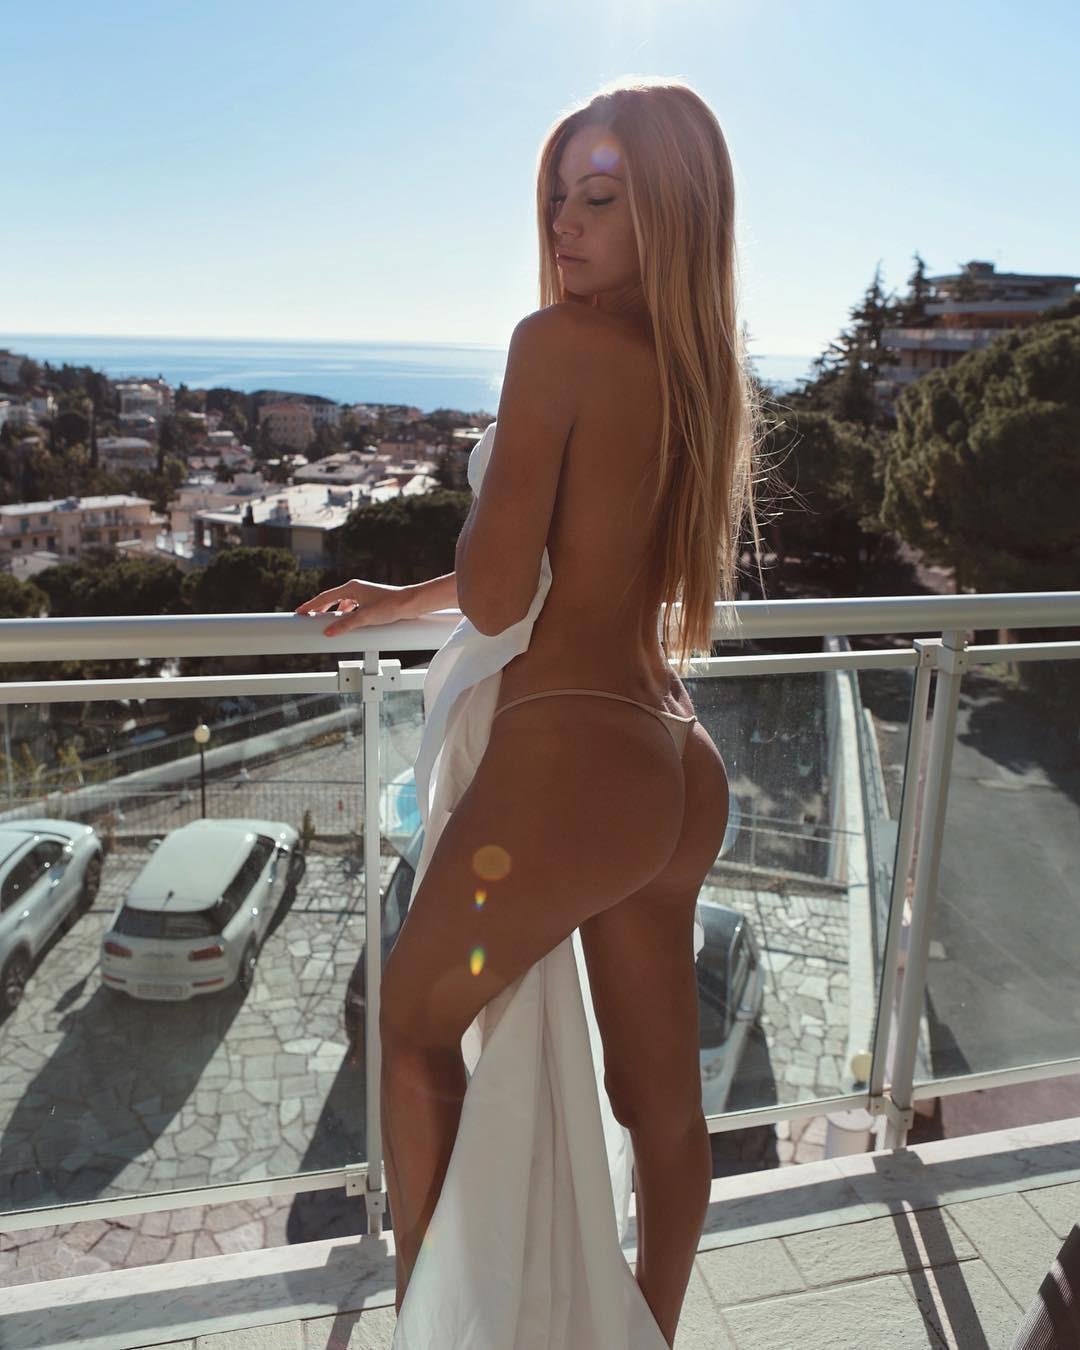 Taylor Mega Topless Pictures, Nice Ass